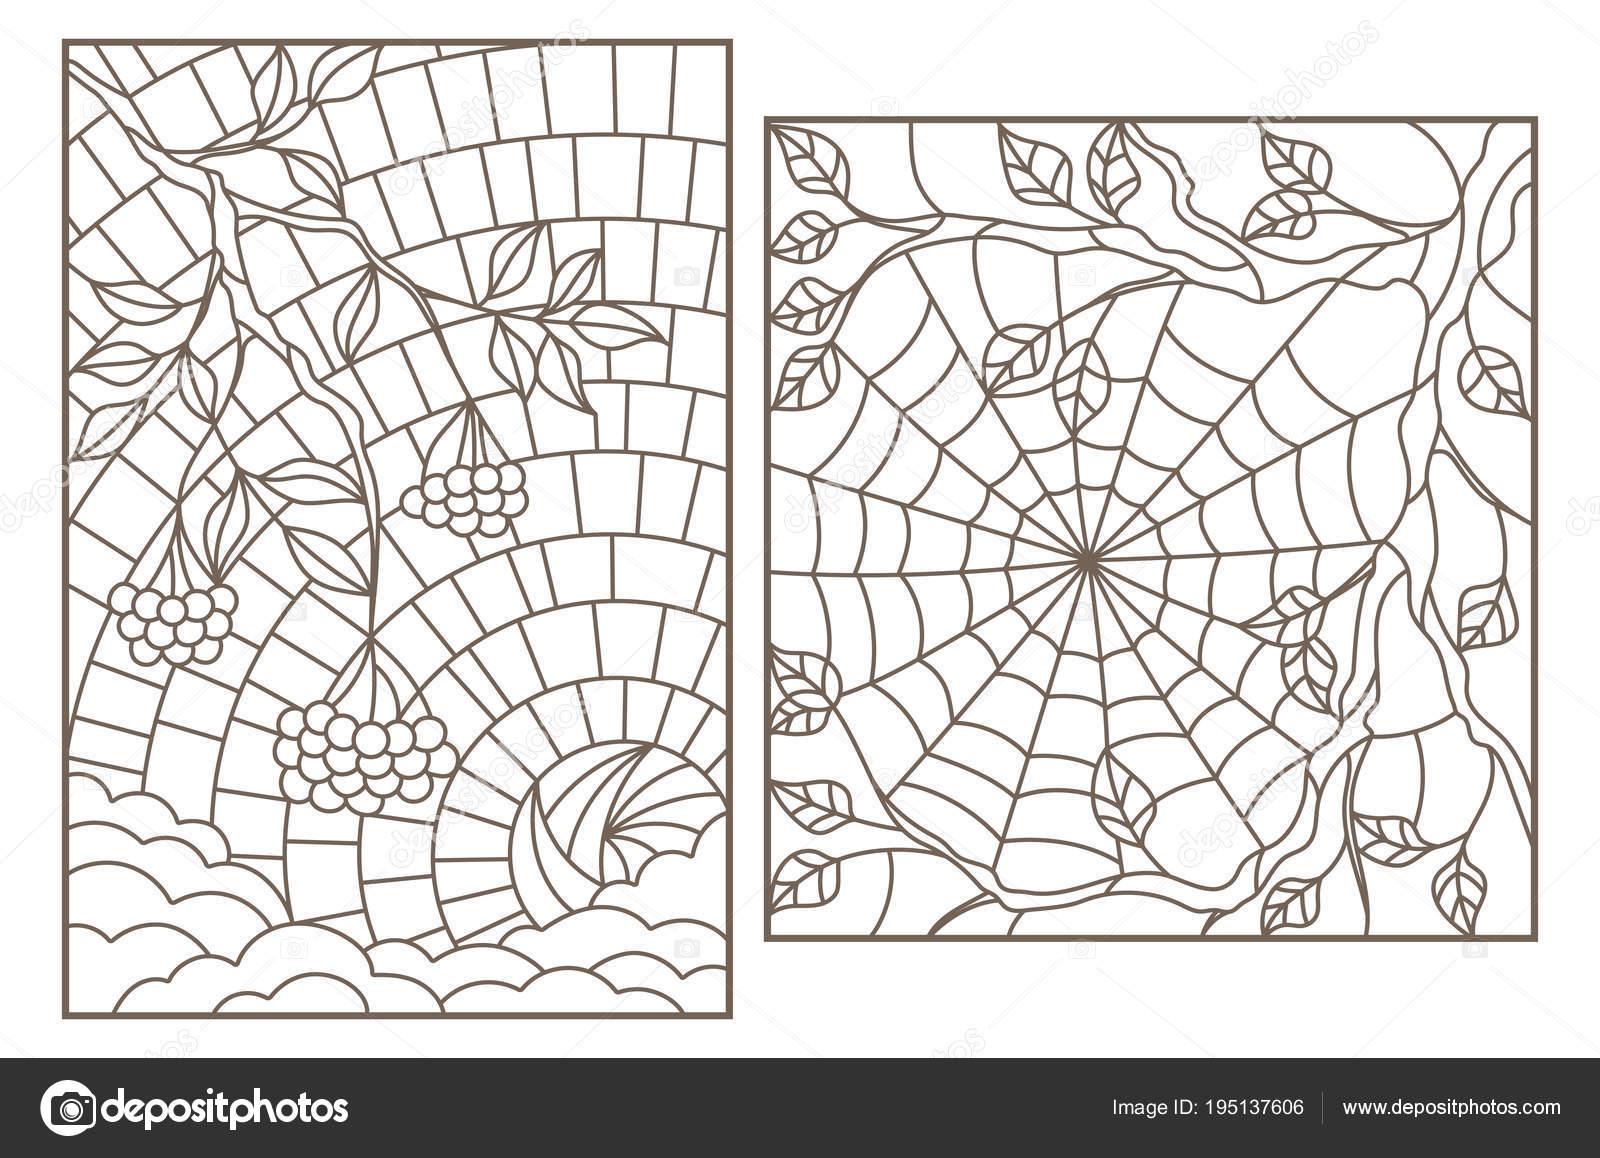 Conjunto de contorno ilustraciones vitrales con ramas de serbal y ...